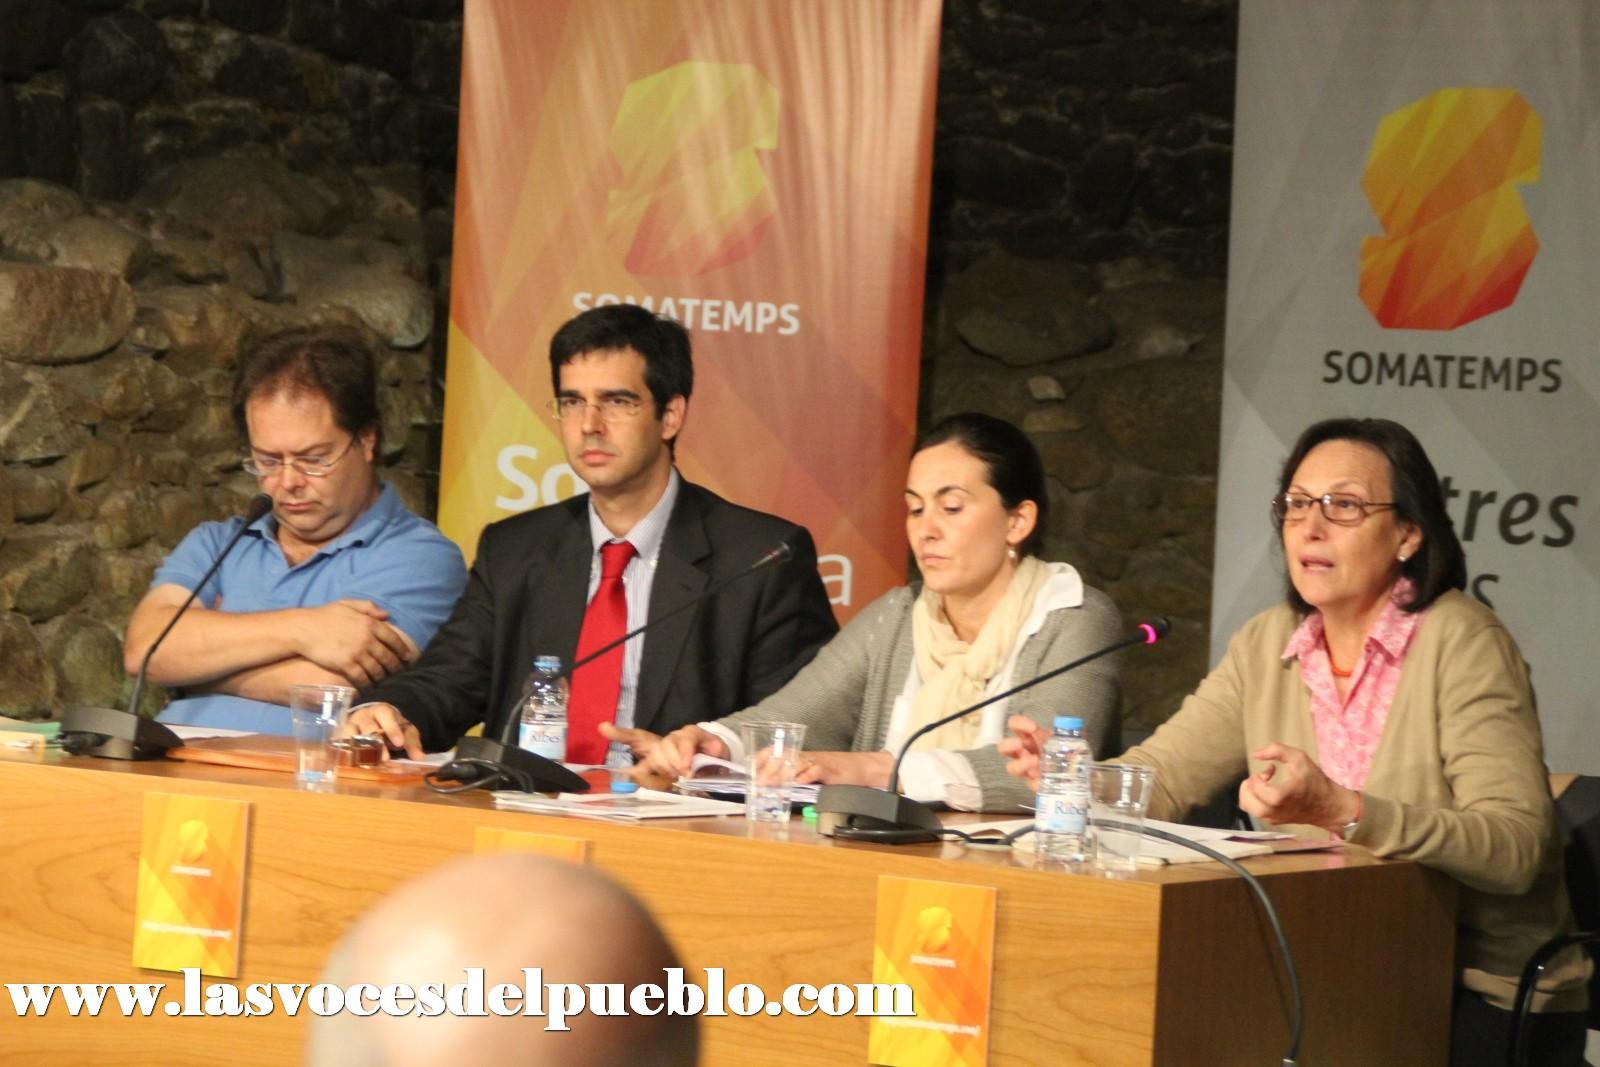 las voces del pueblo_I Congreso de Somatemps_Ripoll_Gerona (162)